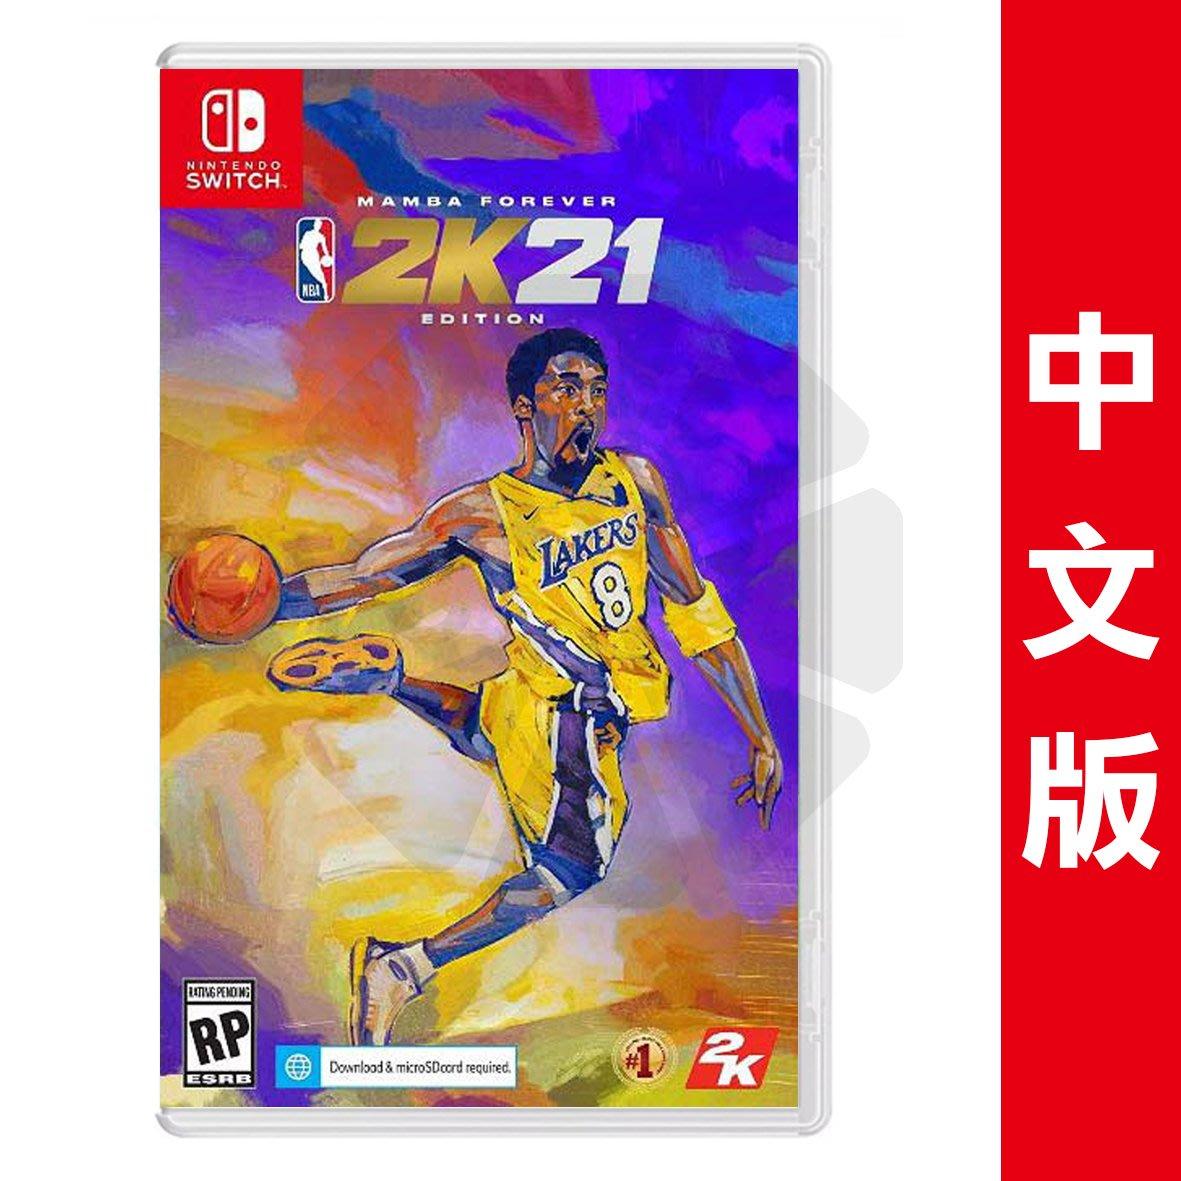 【印橙科技】預購 Switch Nintendo《NBA 2K21》永懷曼巴中文版(附初回特典~代理商有給就附)